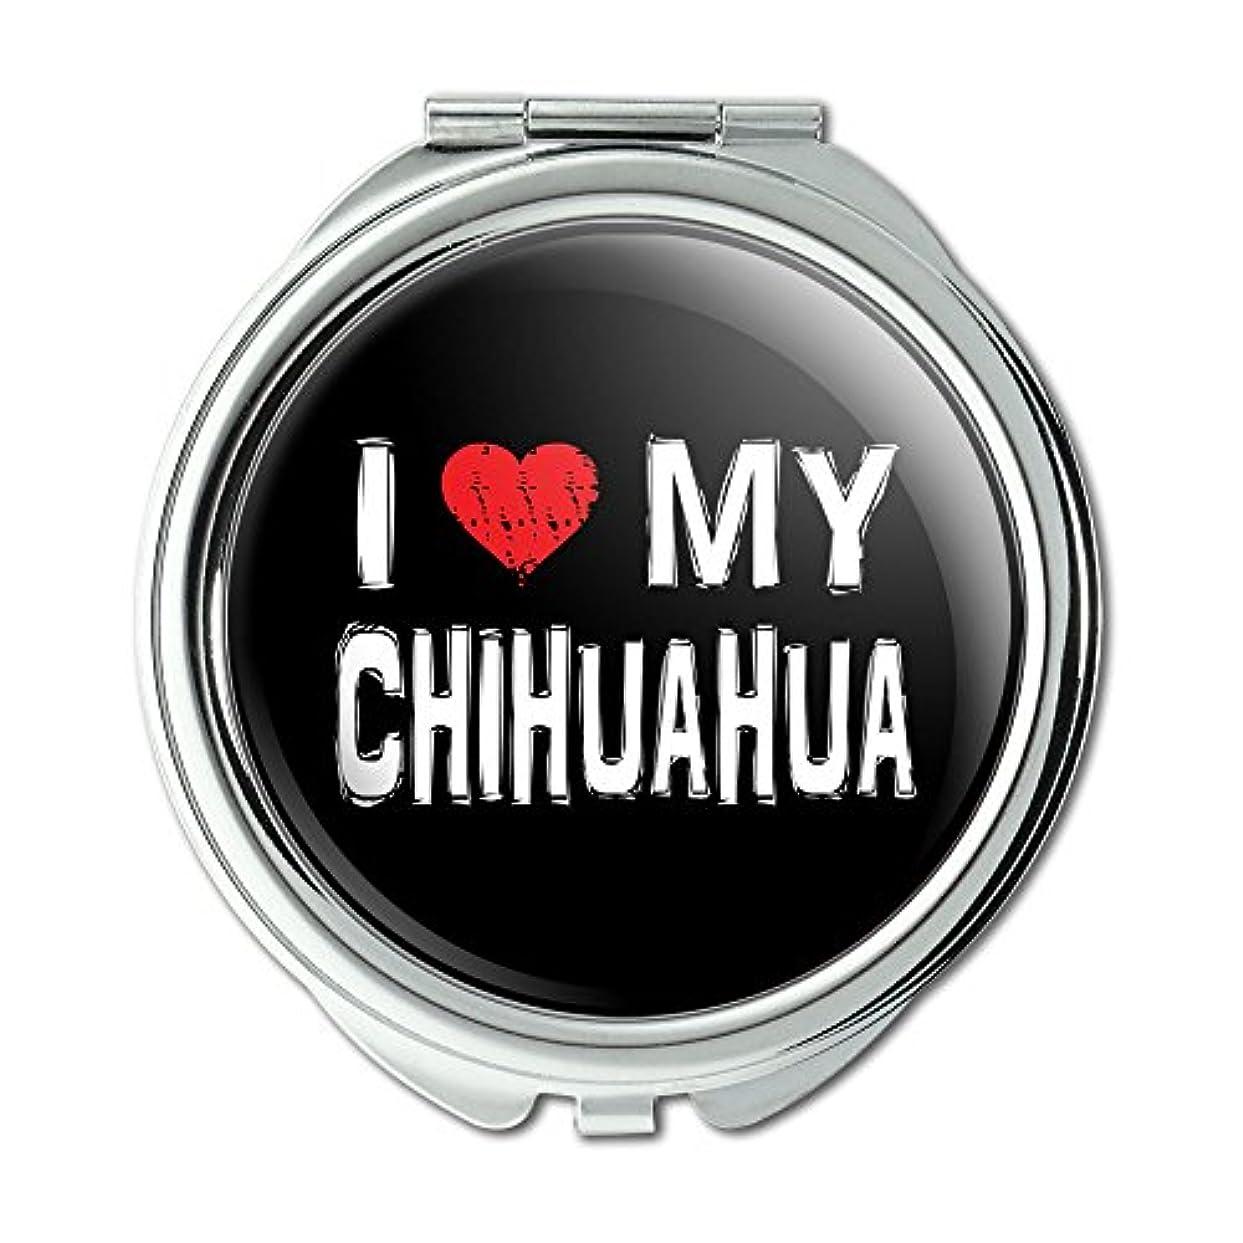 違法学期強化するI Love My Chihuahua Stylish Compact Purse Mirror